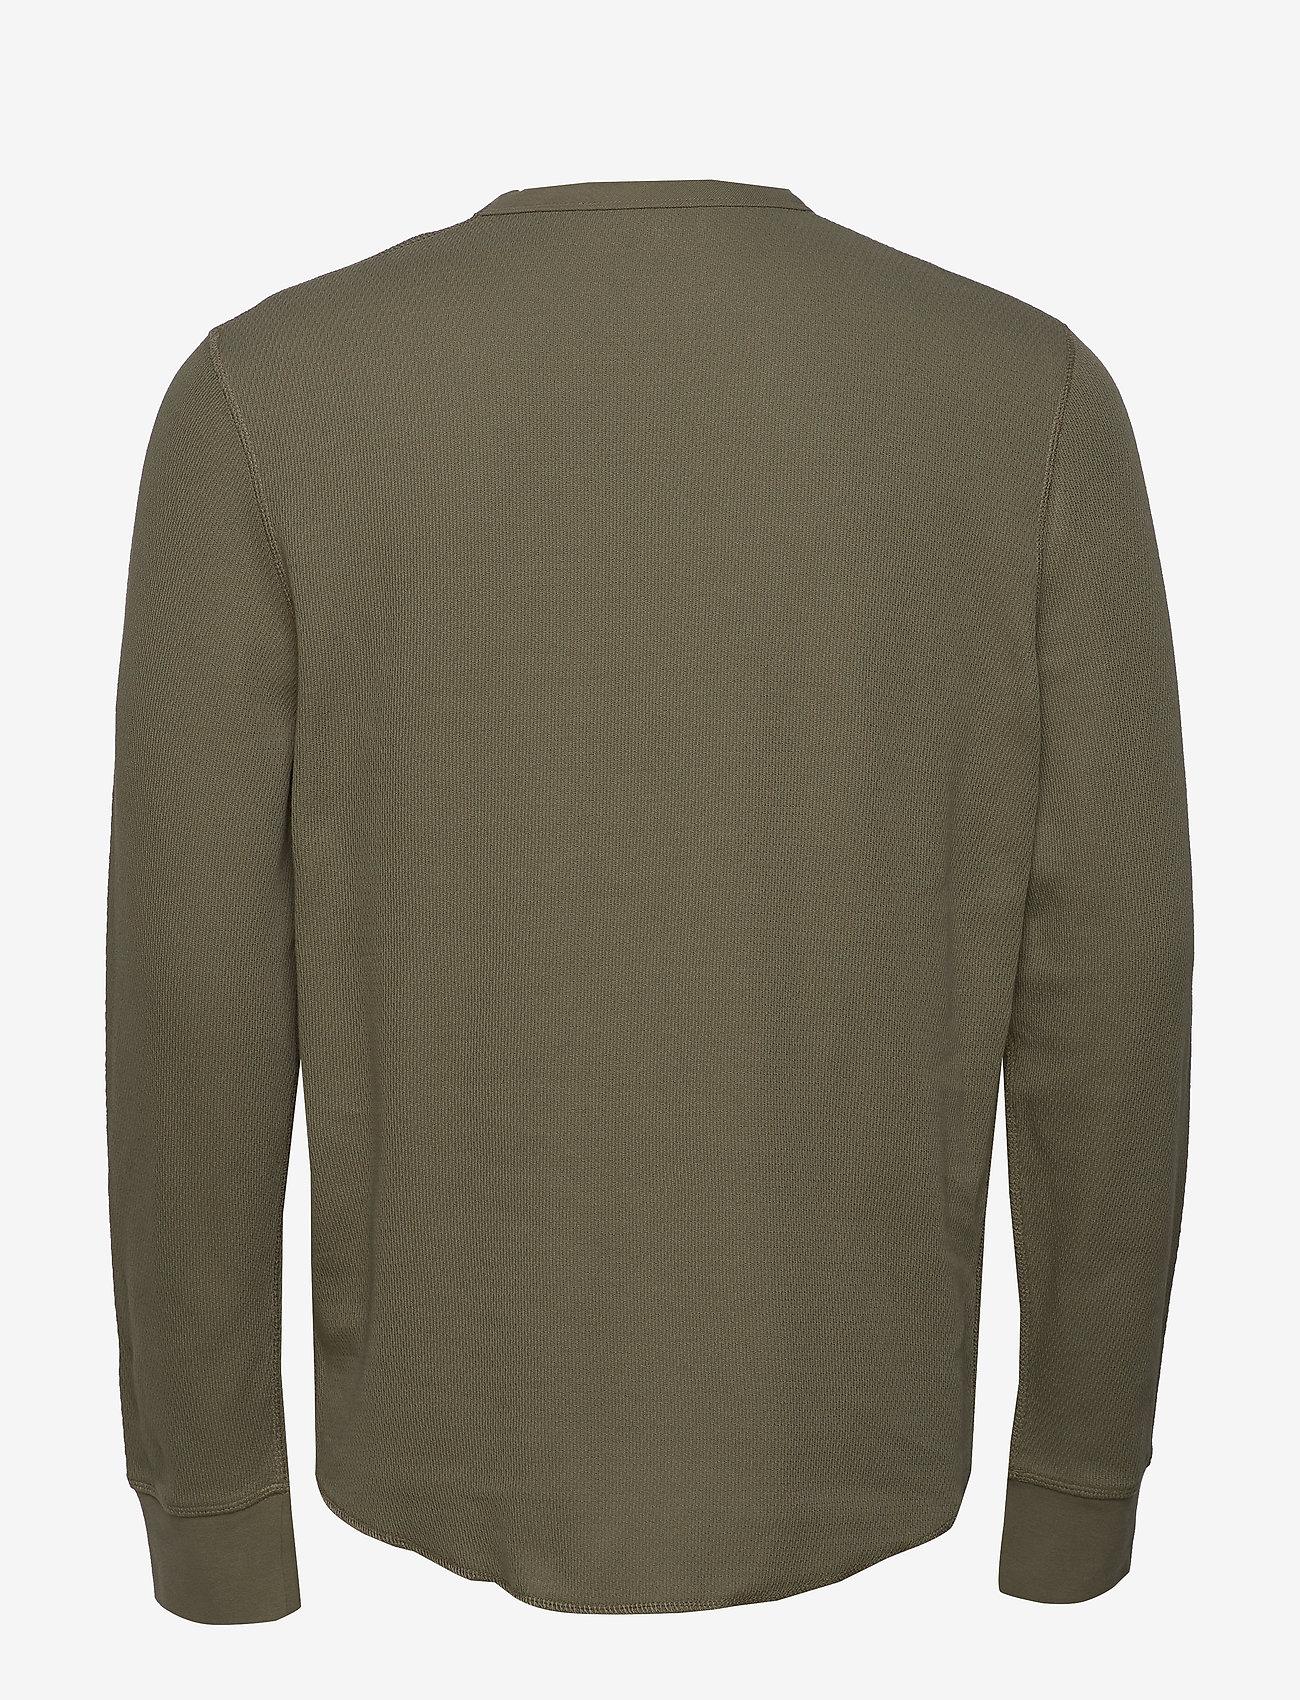 Parmo T-shirt Ls 11409 (Deep Lichen Green) - Samsøe Samsøe RLBocf